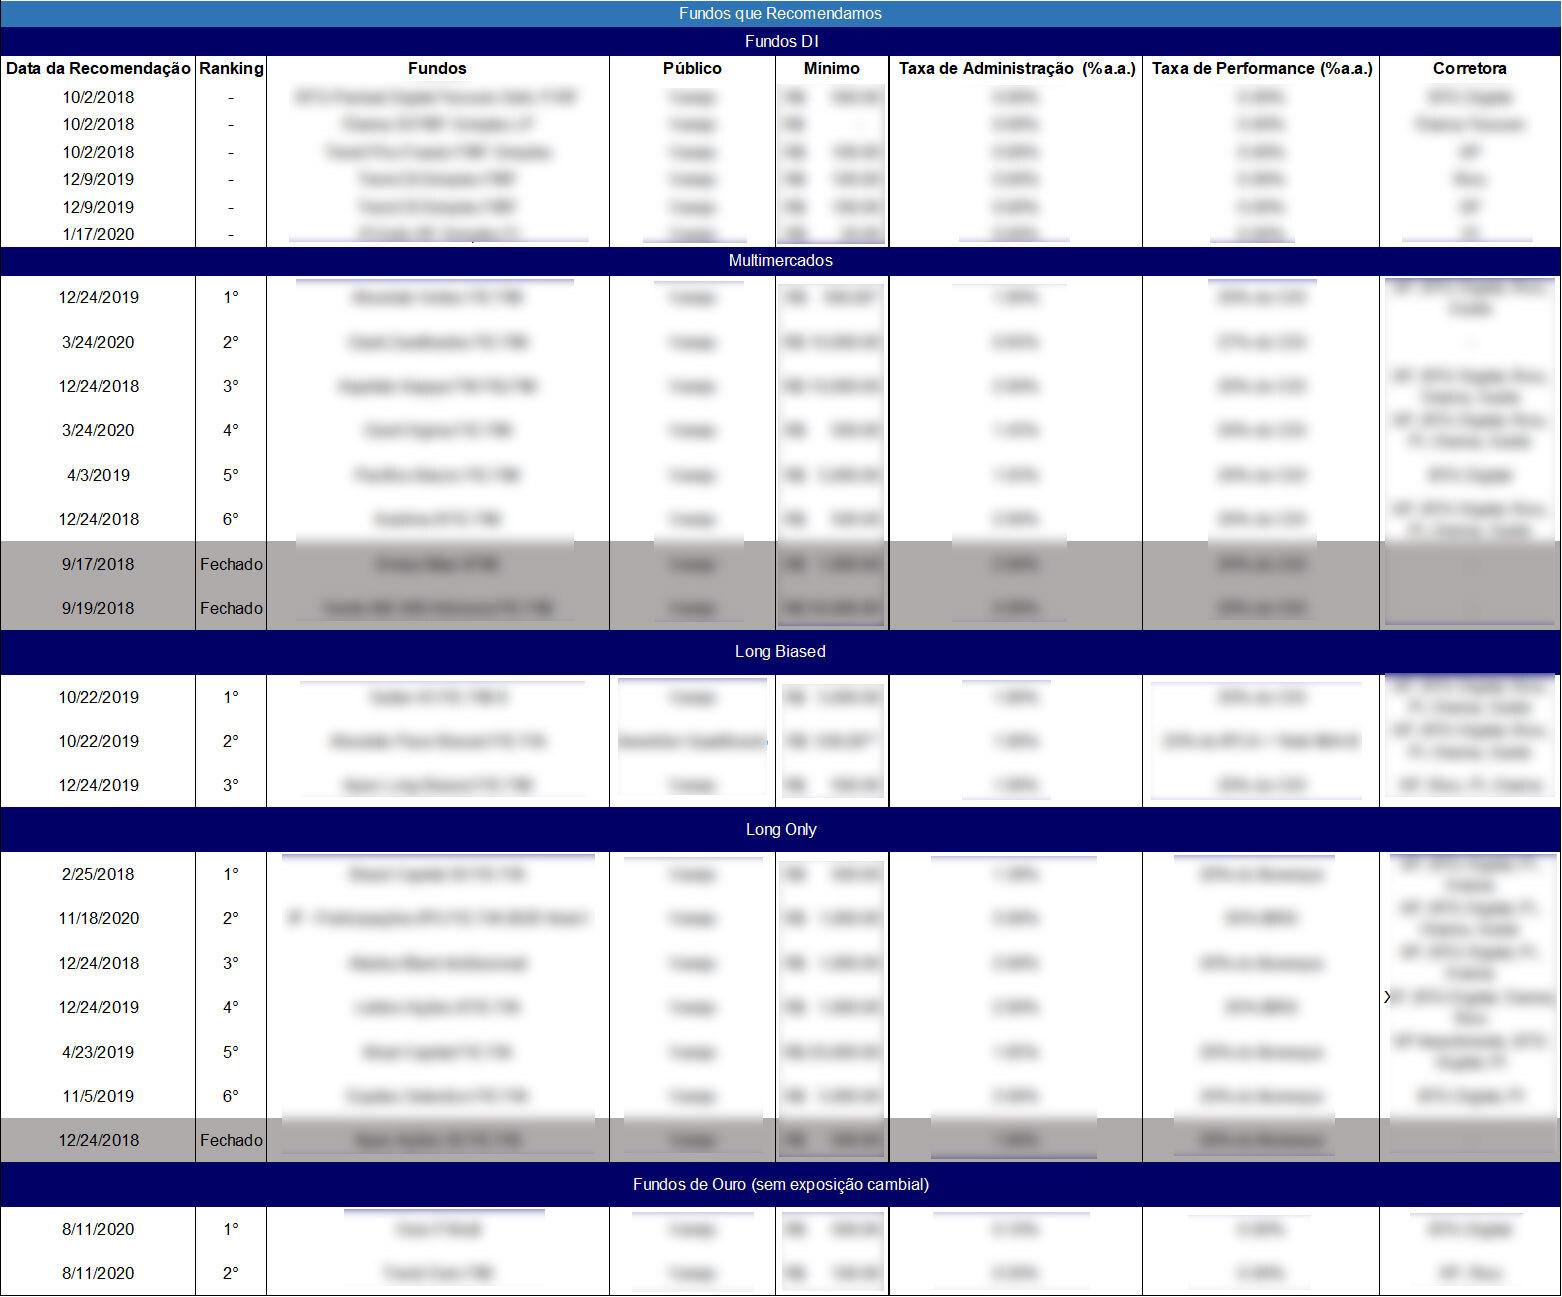 Lista de gestores recomendados no Nord Fundos.